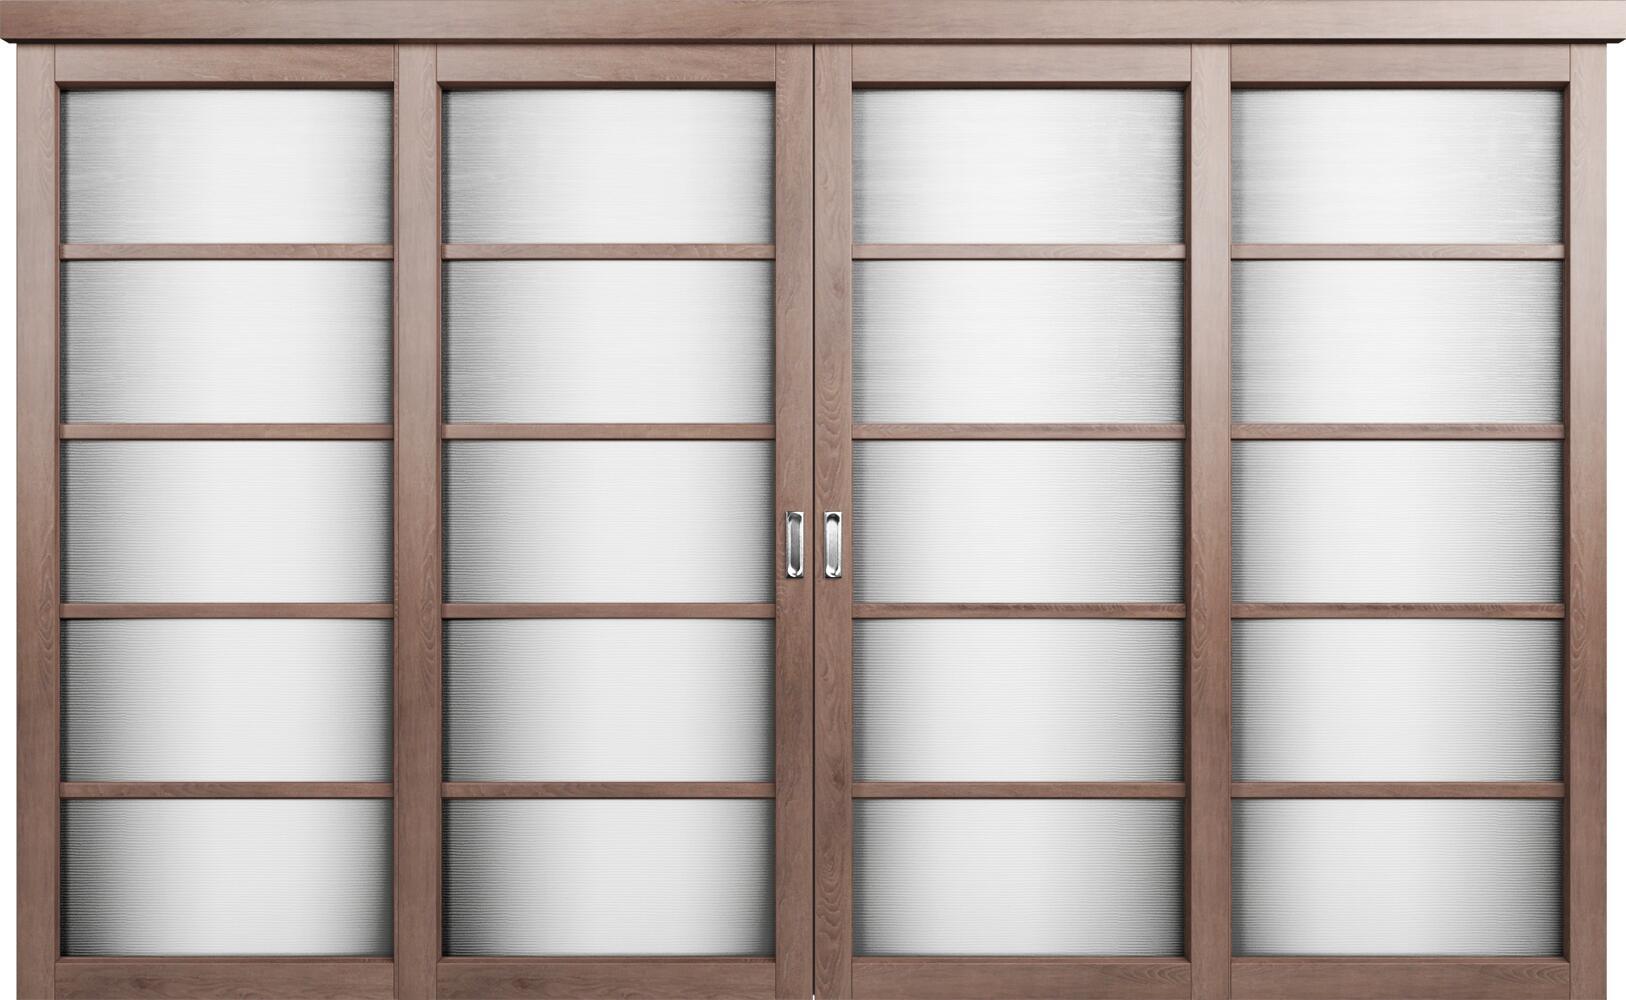 Коллекция Перегородки Двухполосная раздвижная система для 4-х полотен. Тип 1 Дуб капучино + Канны